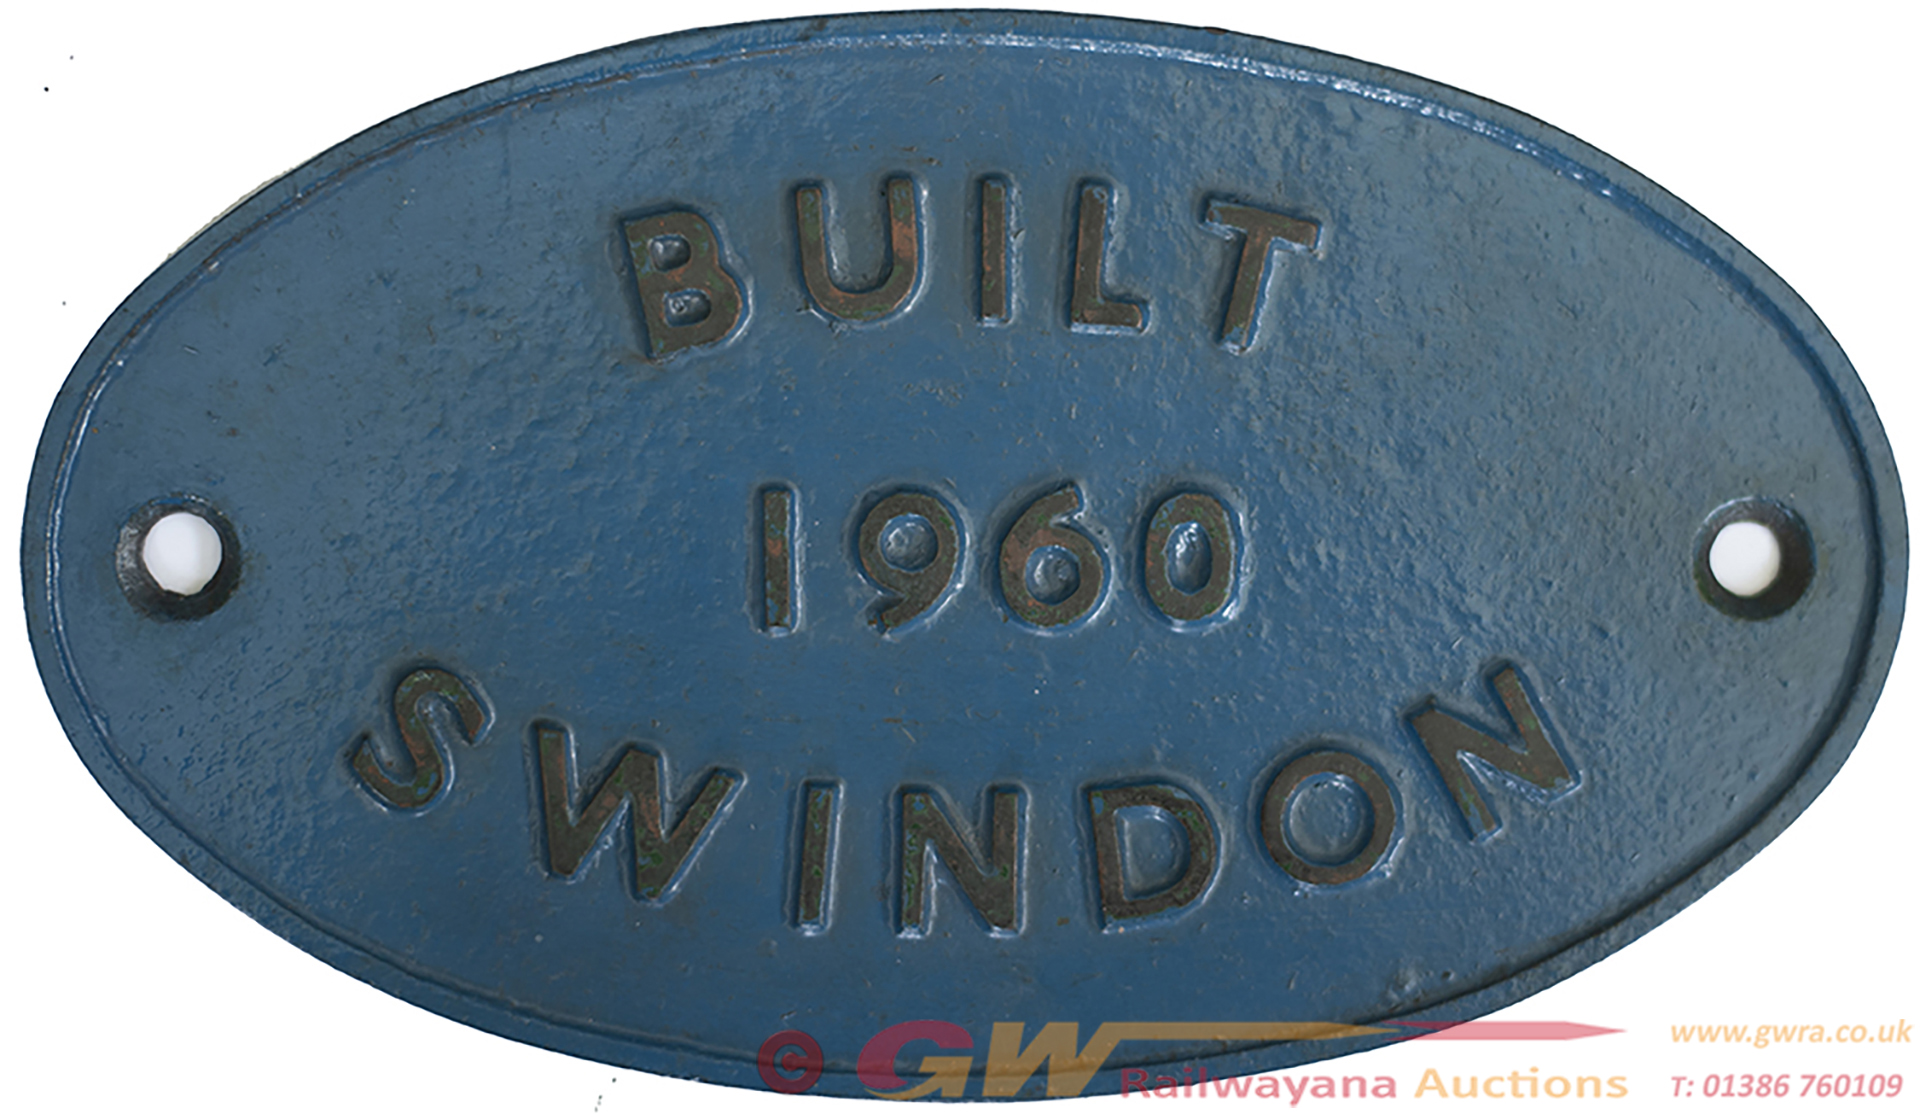 Worksplate BUILT 1960 SWINDON Ex British Railways